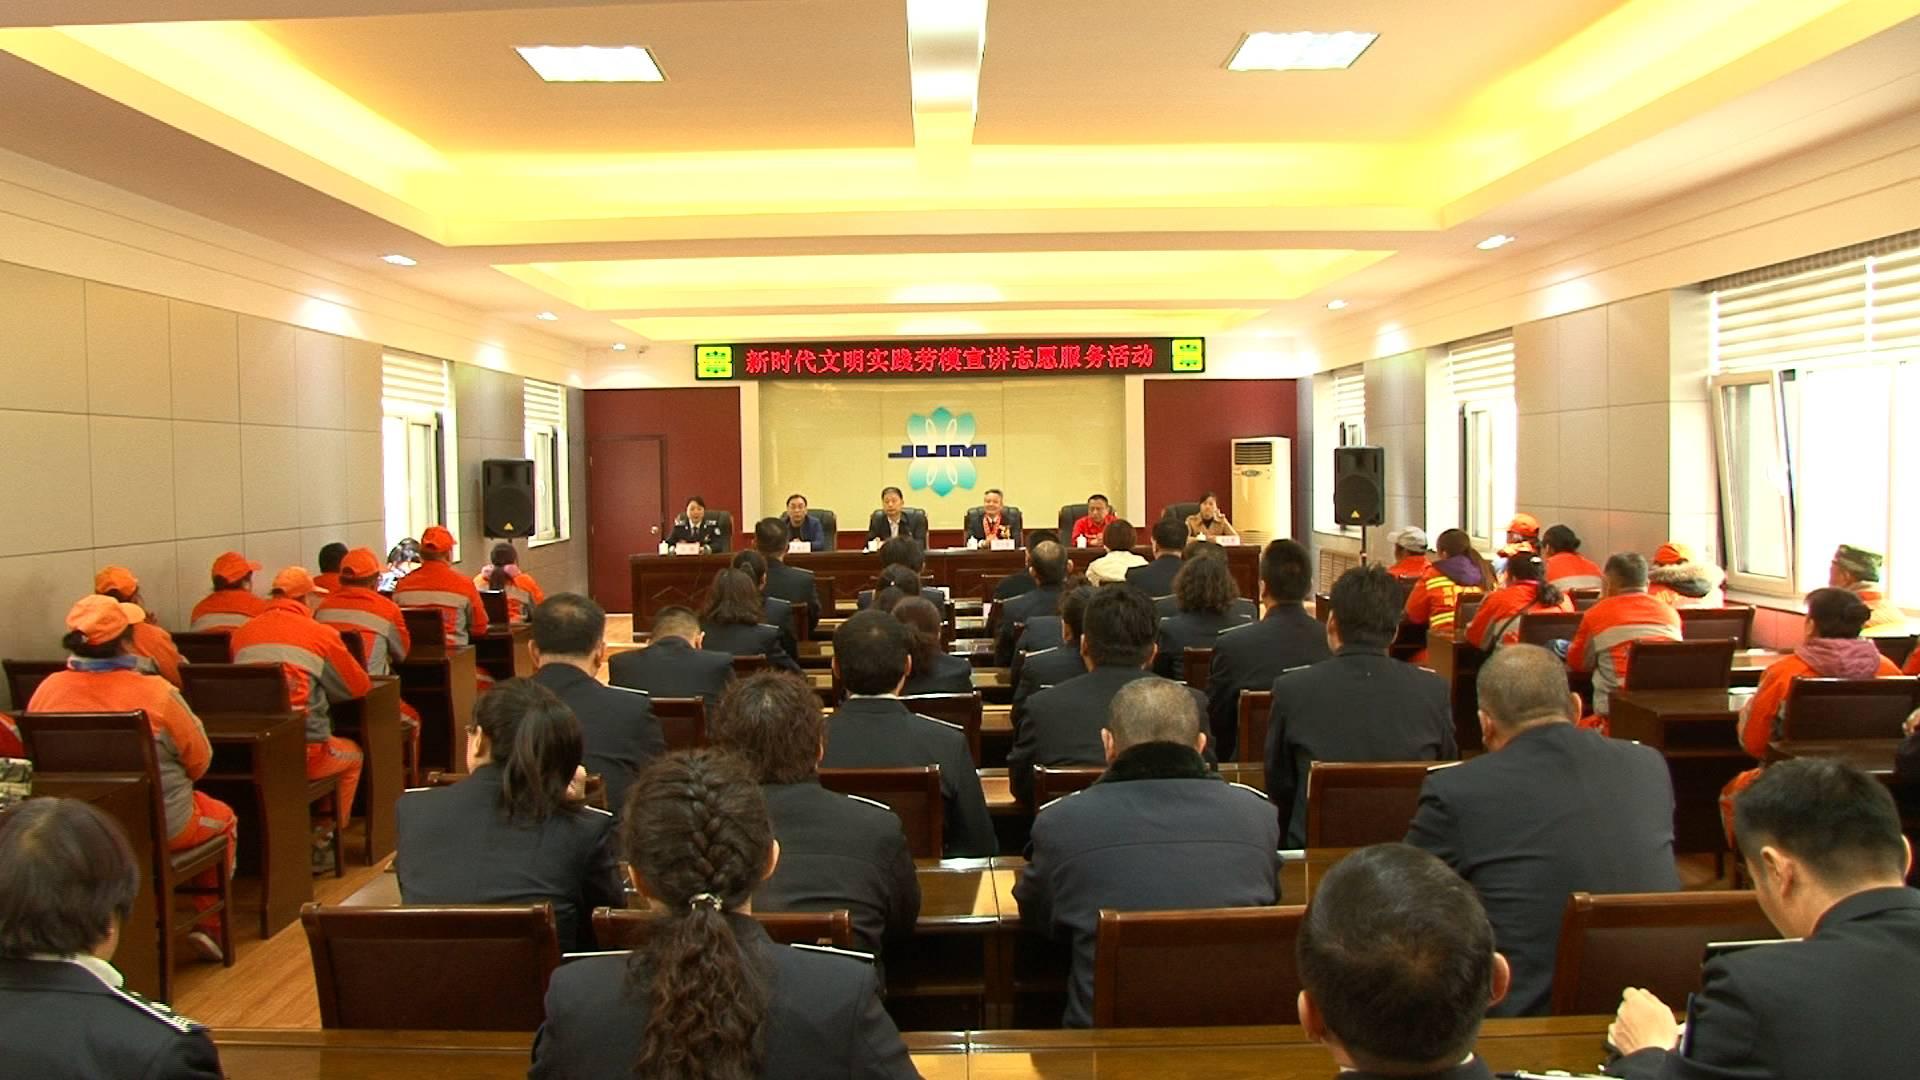 """劳模宣讲进济南 !首个""""志愿服务月""""惠及职工群众300多万人"""